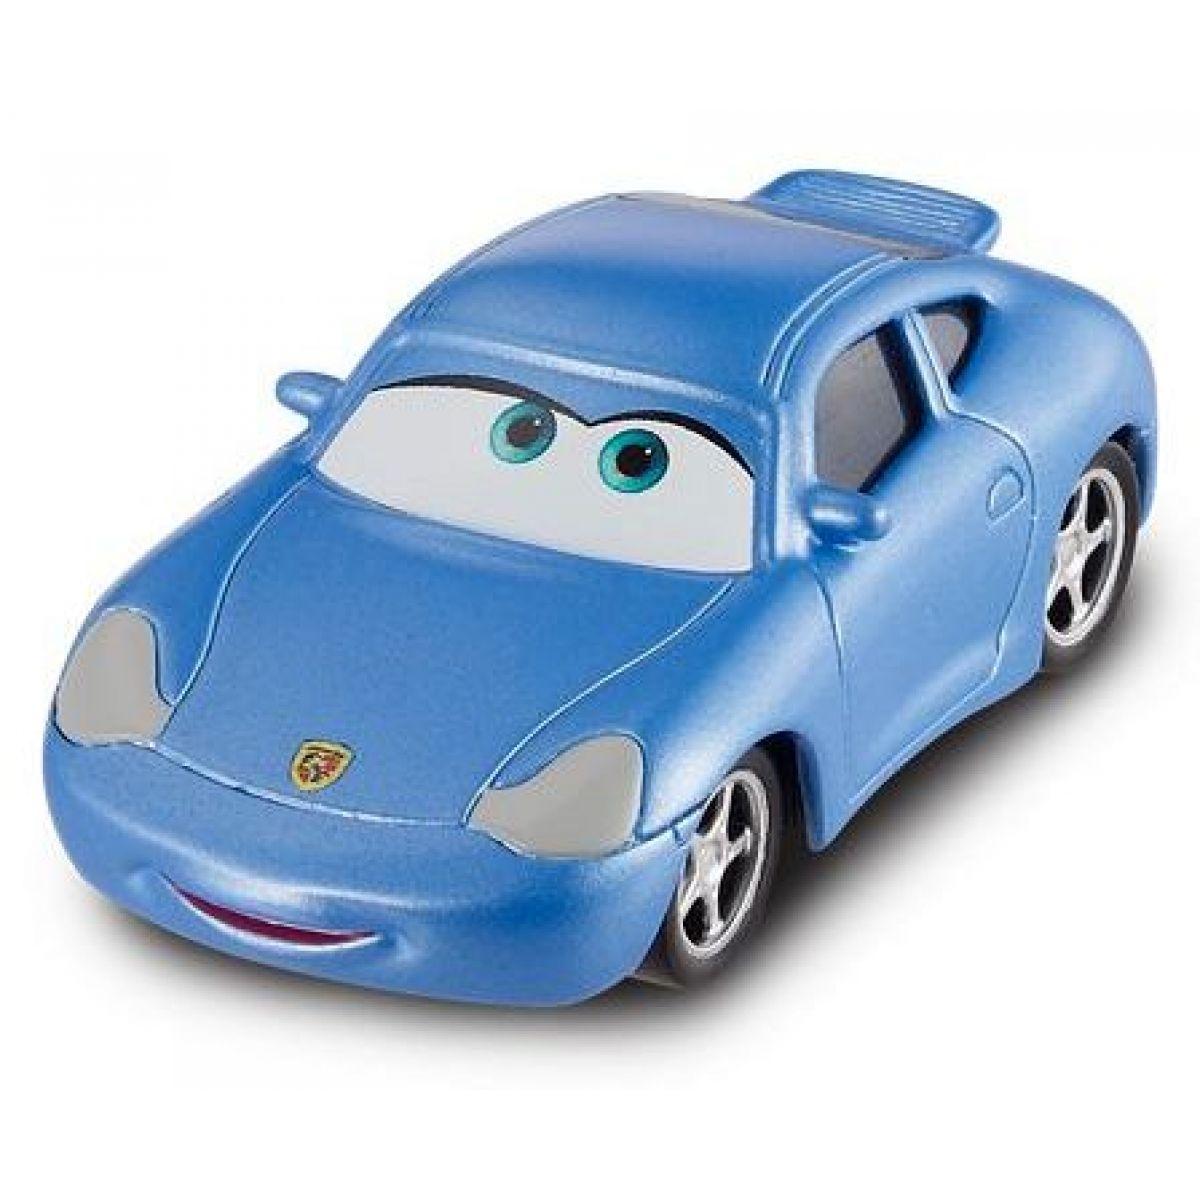 Mattel Cars 2 Auta - Sally